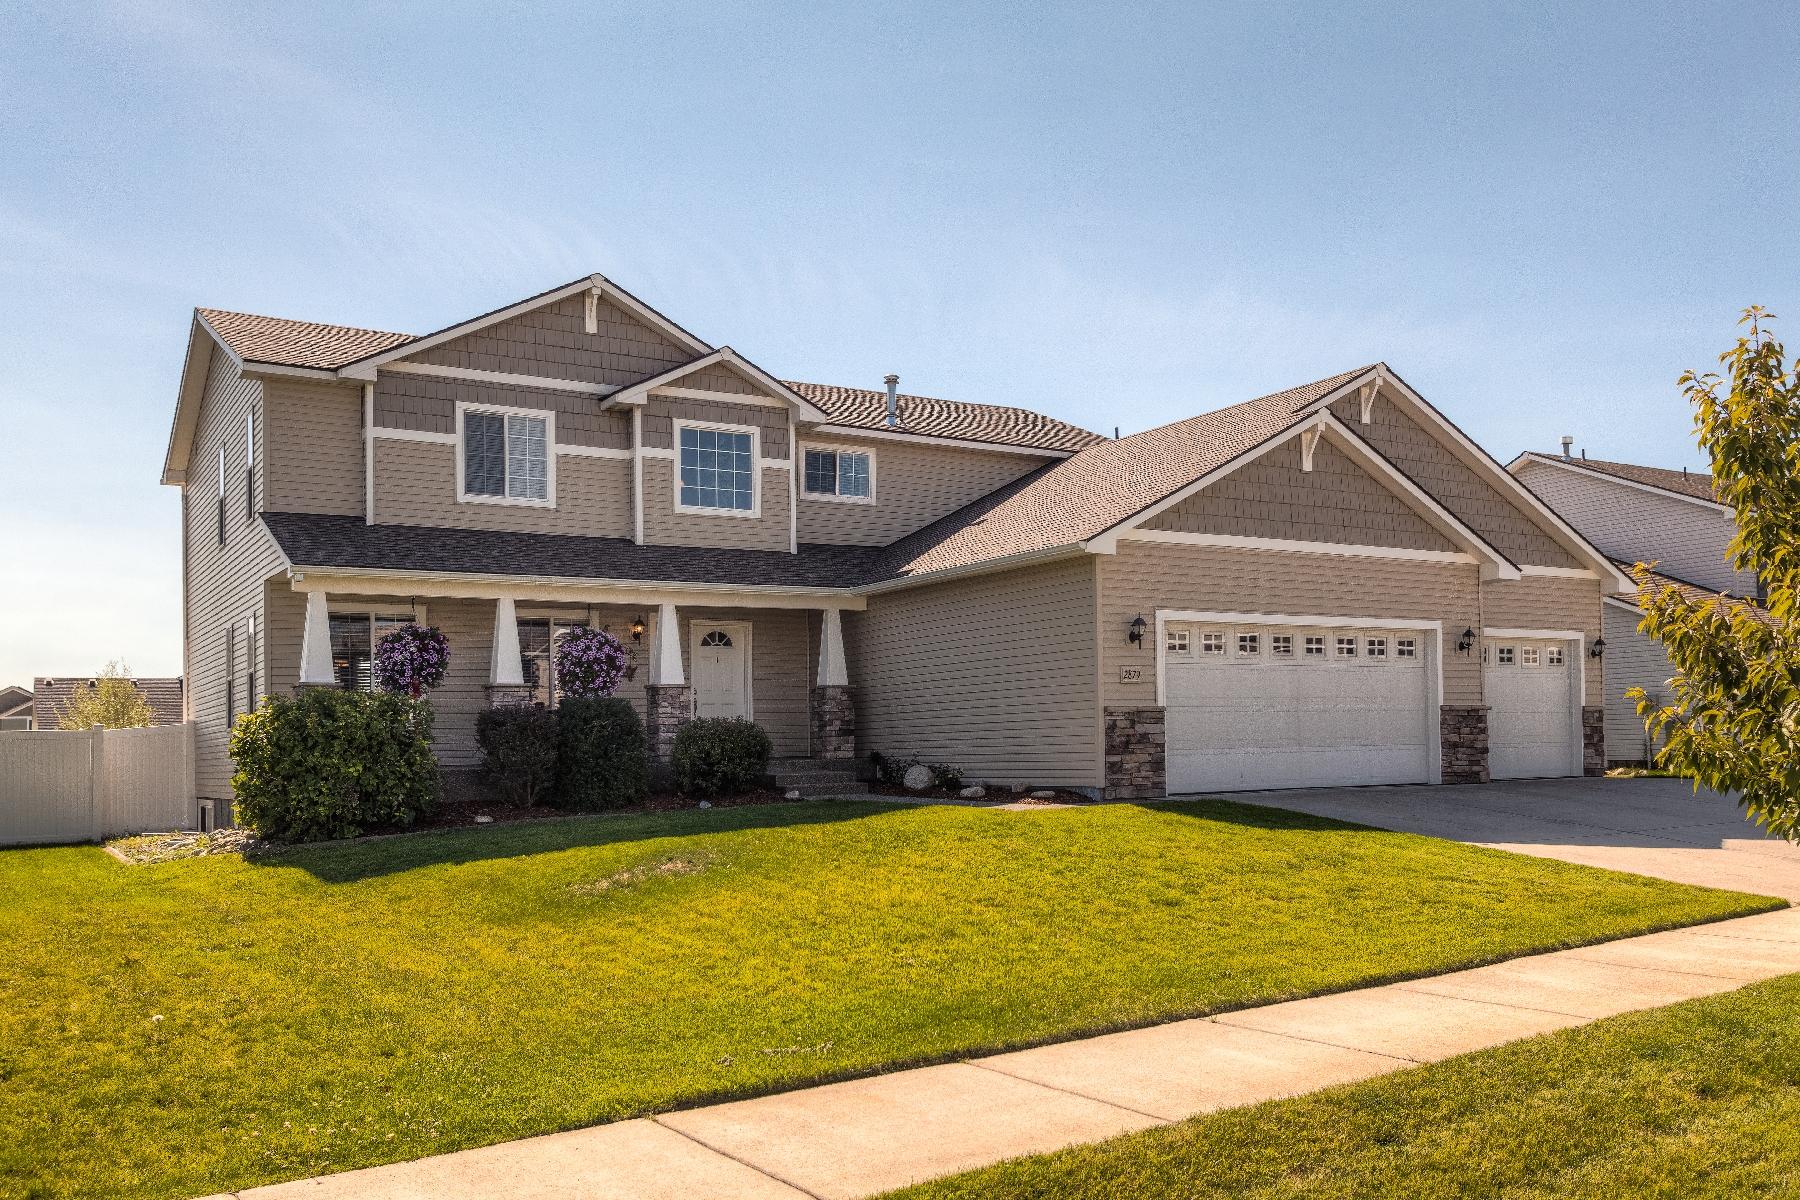 Maison unifamiliale pour l Vente à Beautiful Family Home in The Landings 2879 W Thorndale Coeur D Alene, Idaho 83814 États-Unis